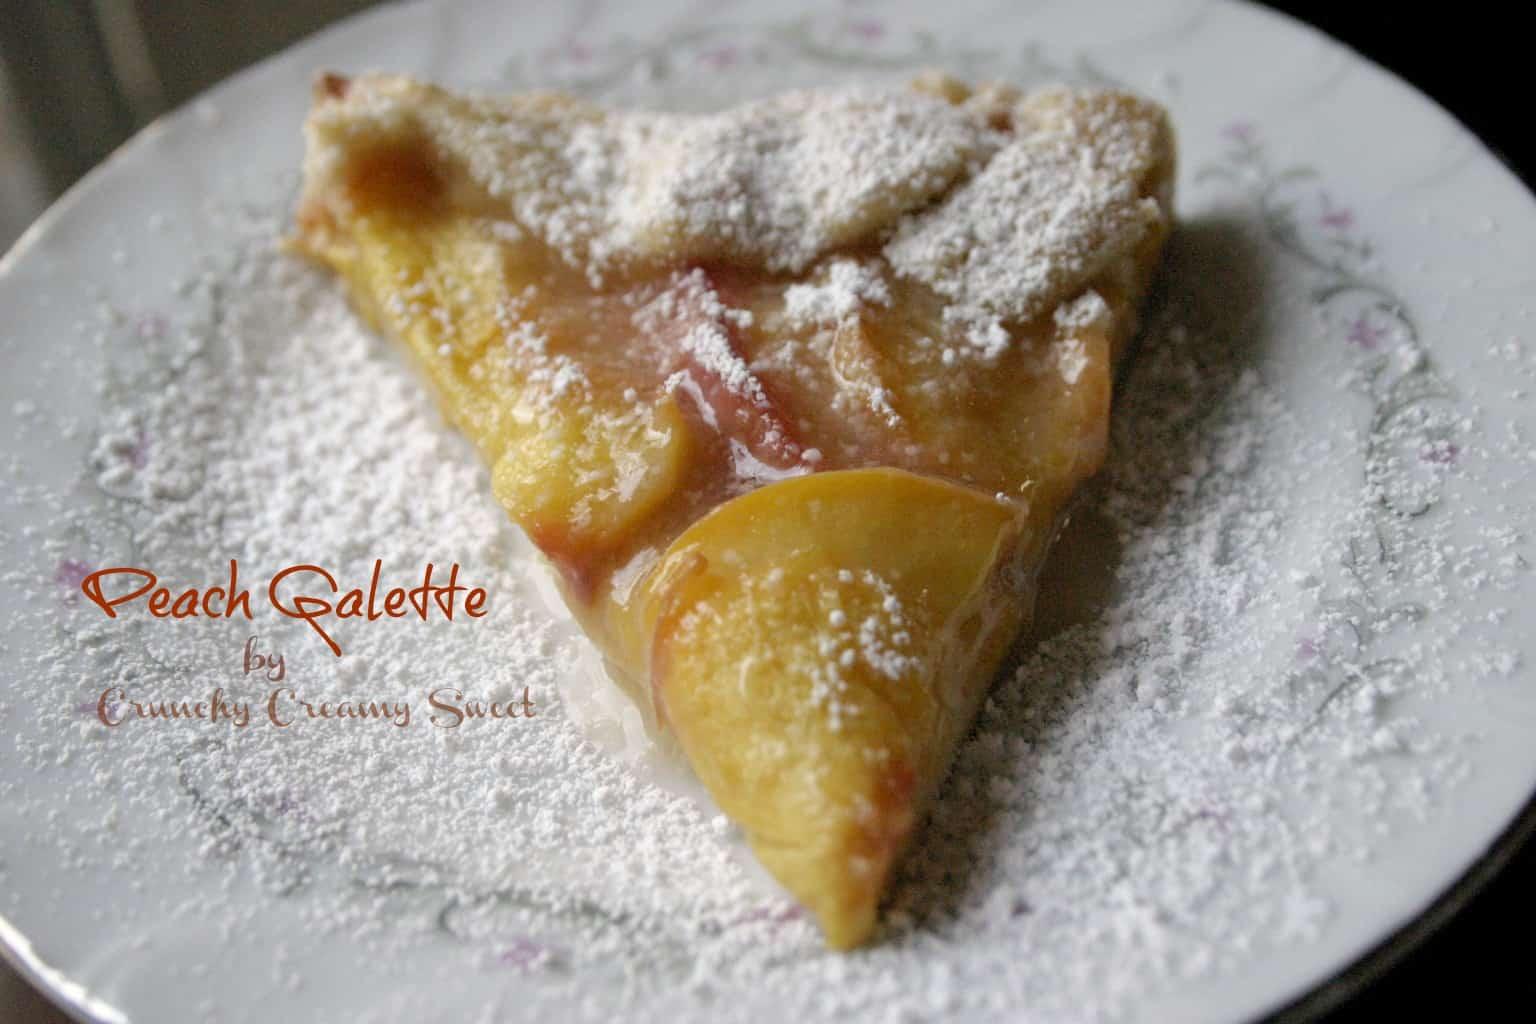 peach galette 1st Peach Galette